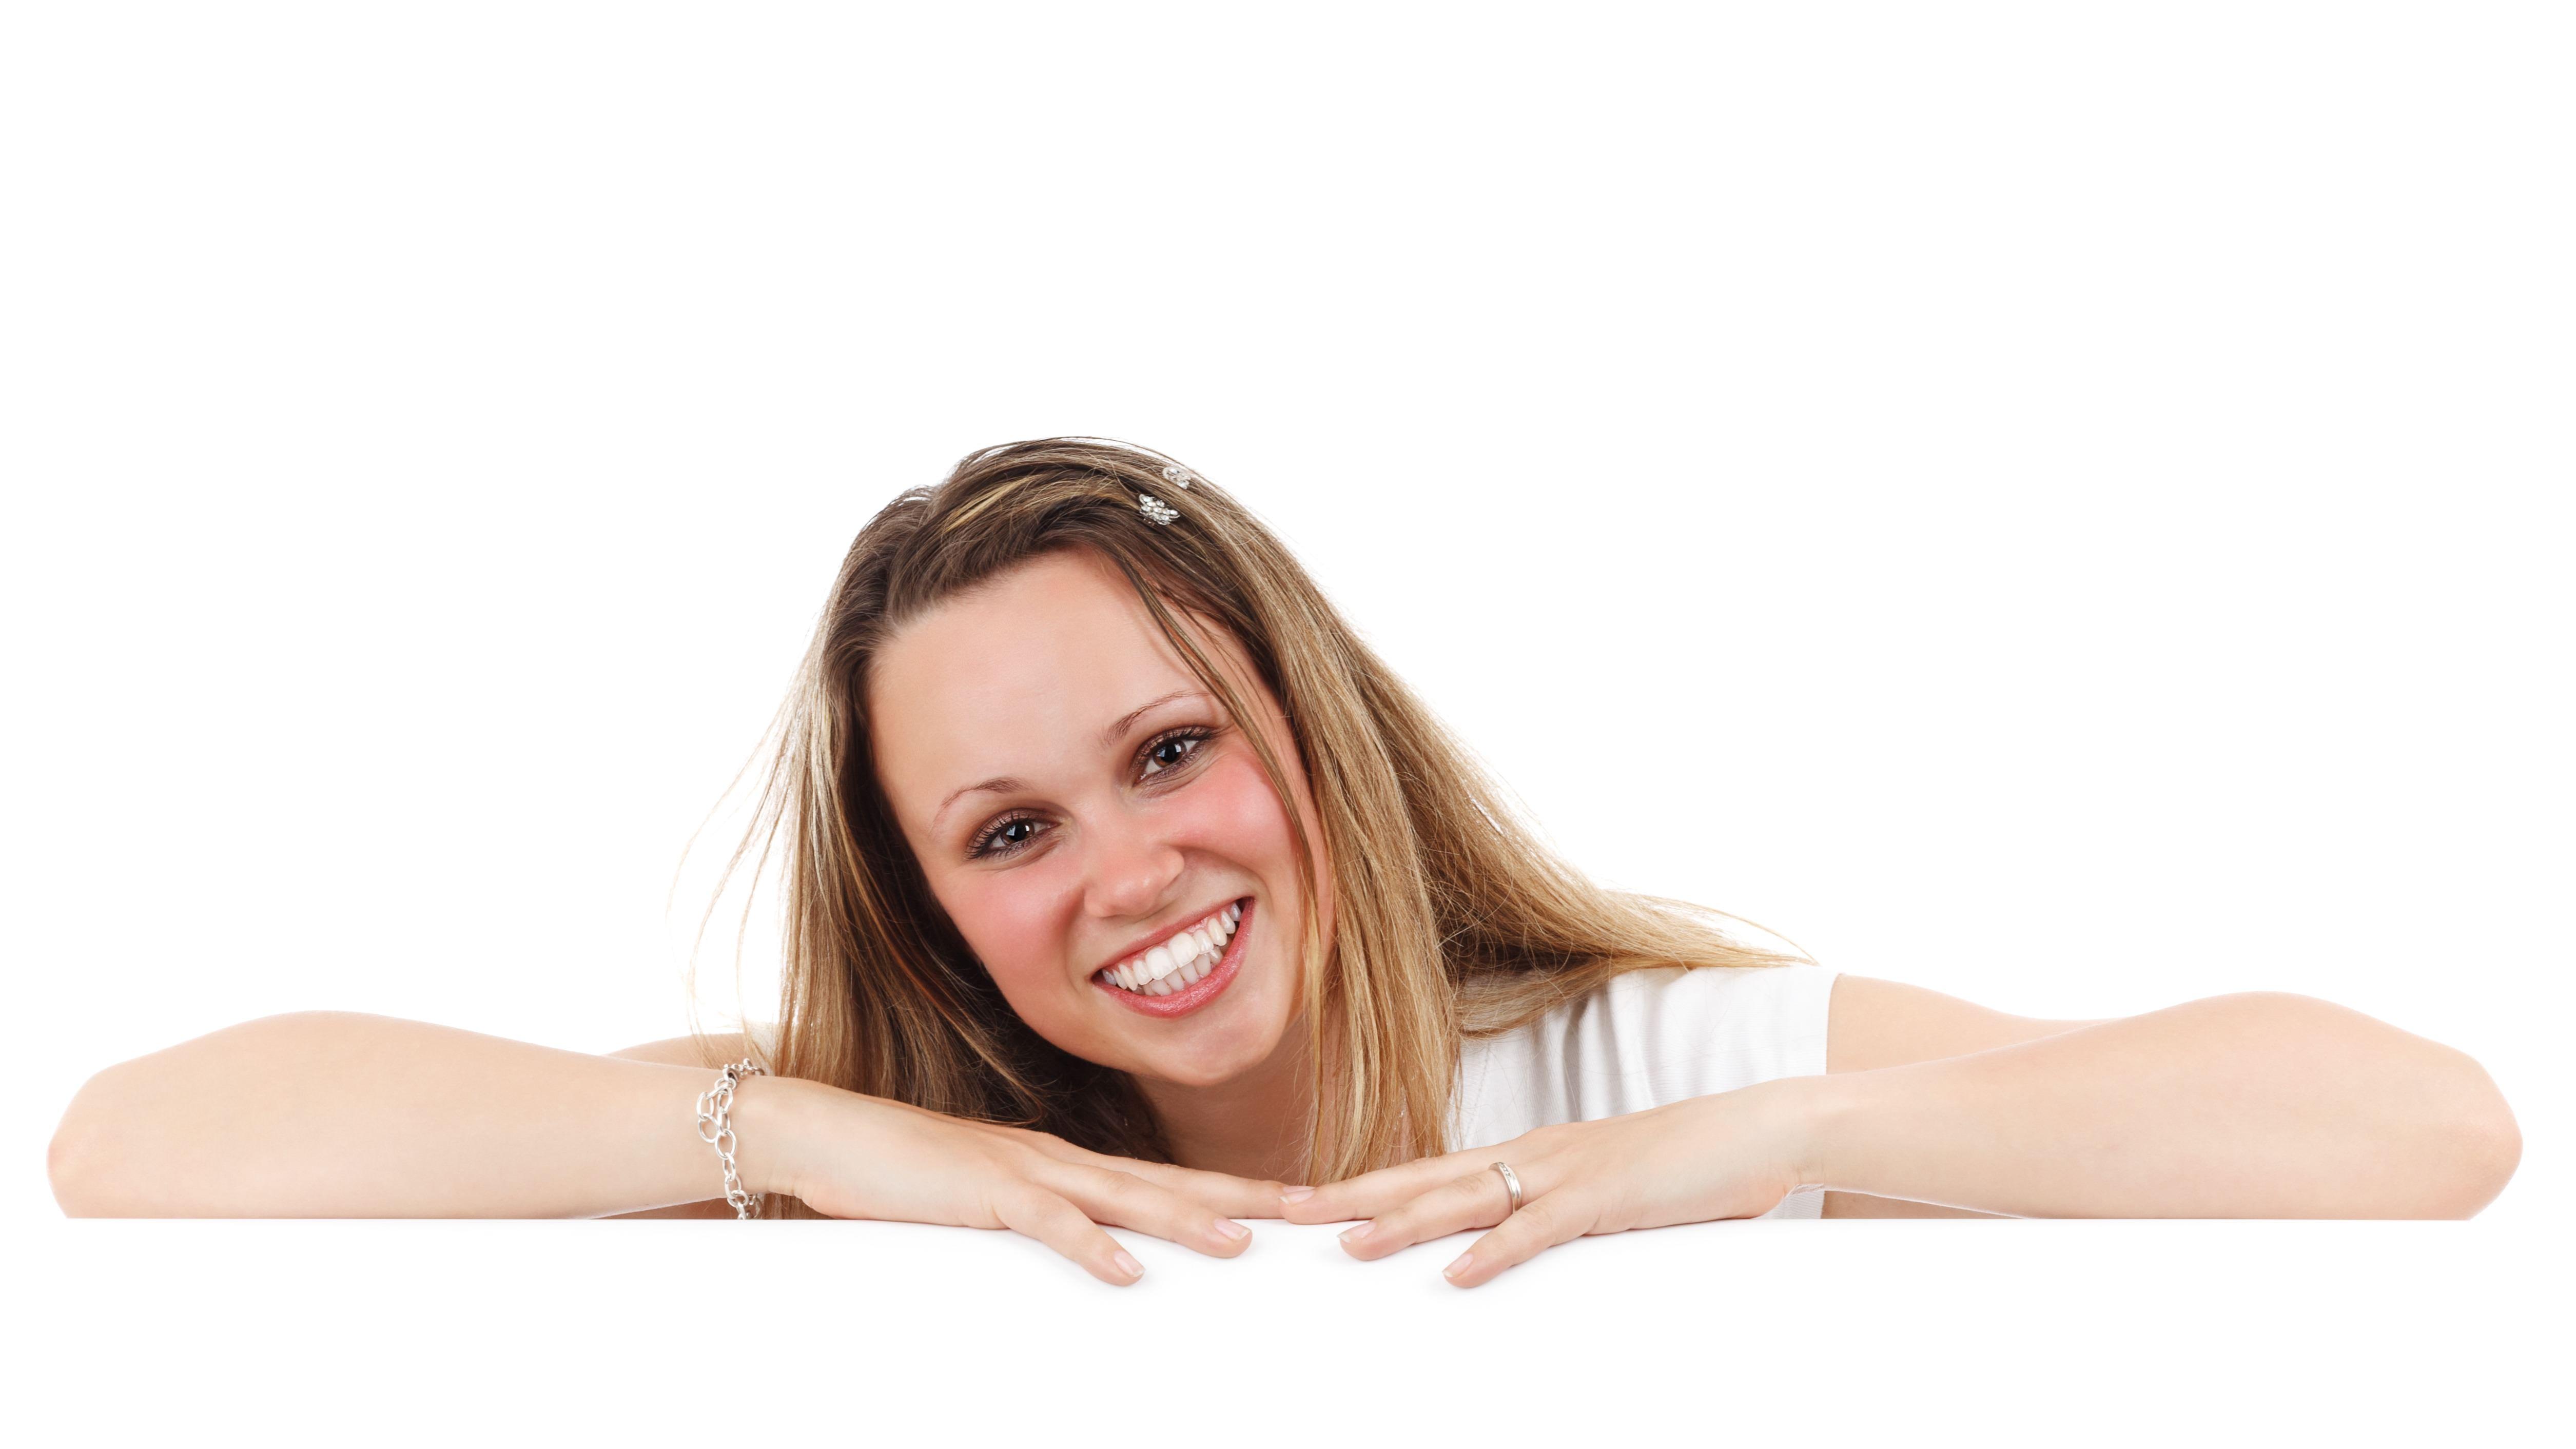 ストレスを溜め込まずに発散のためにできる方法|おすすめのグッズのサムネイル画像